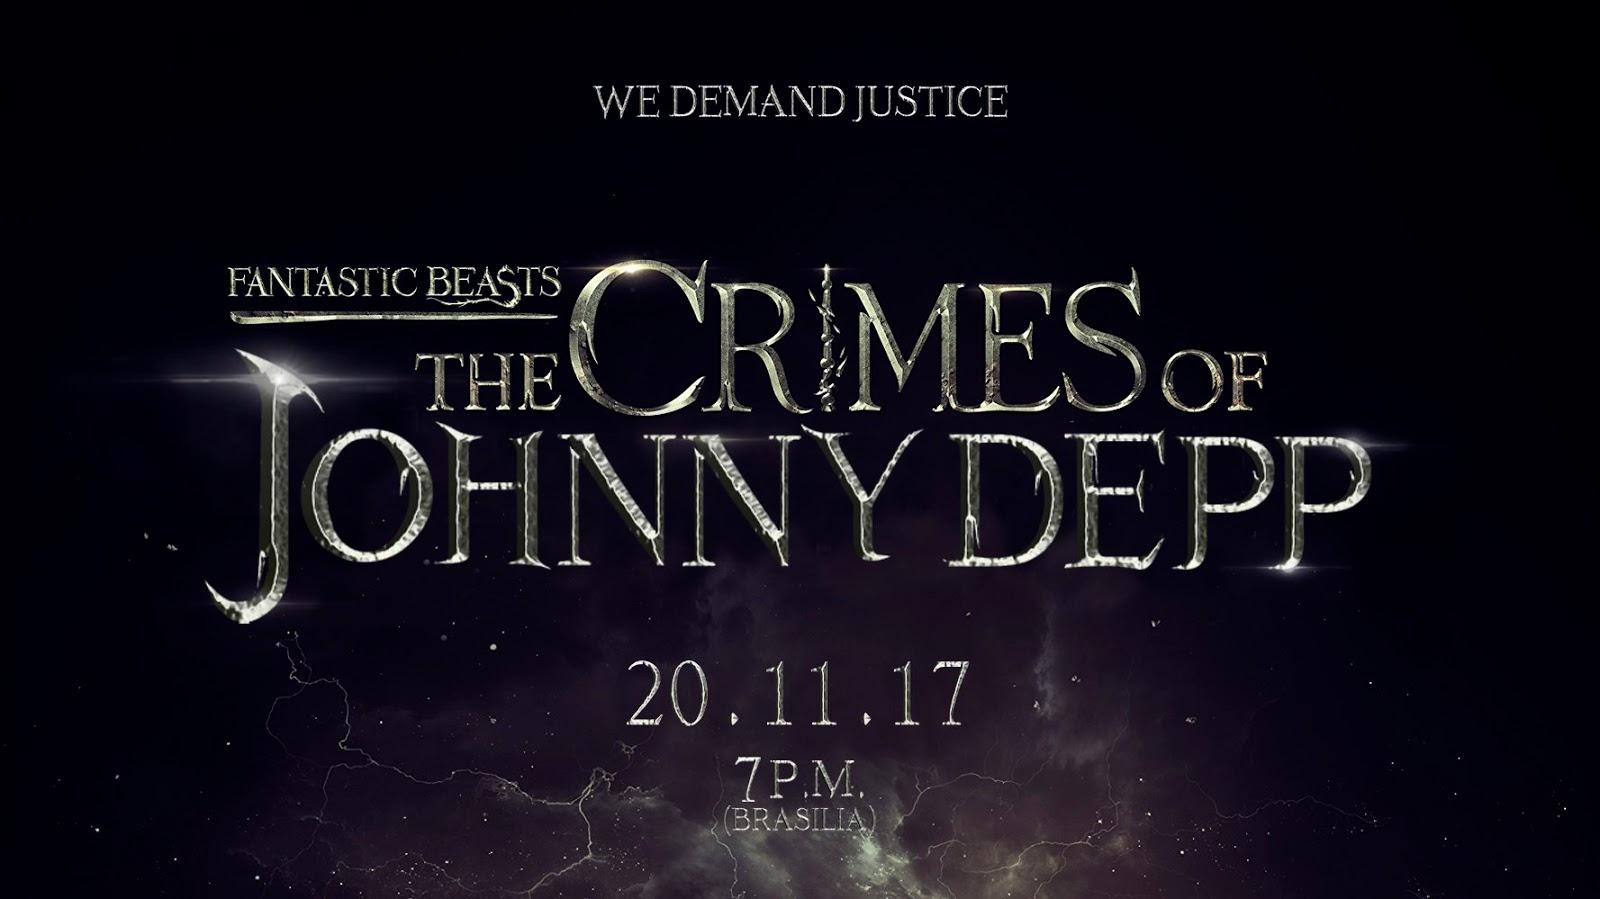 Fãs brasileiros levantarão hashtag no Twitter amanhã contra Johnny Depp.